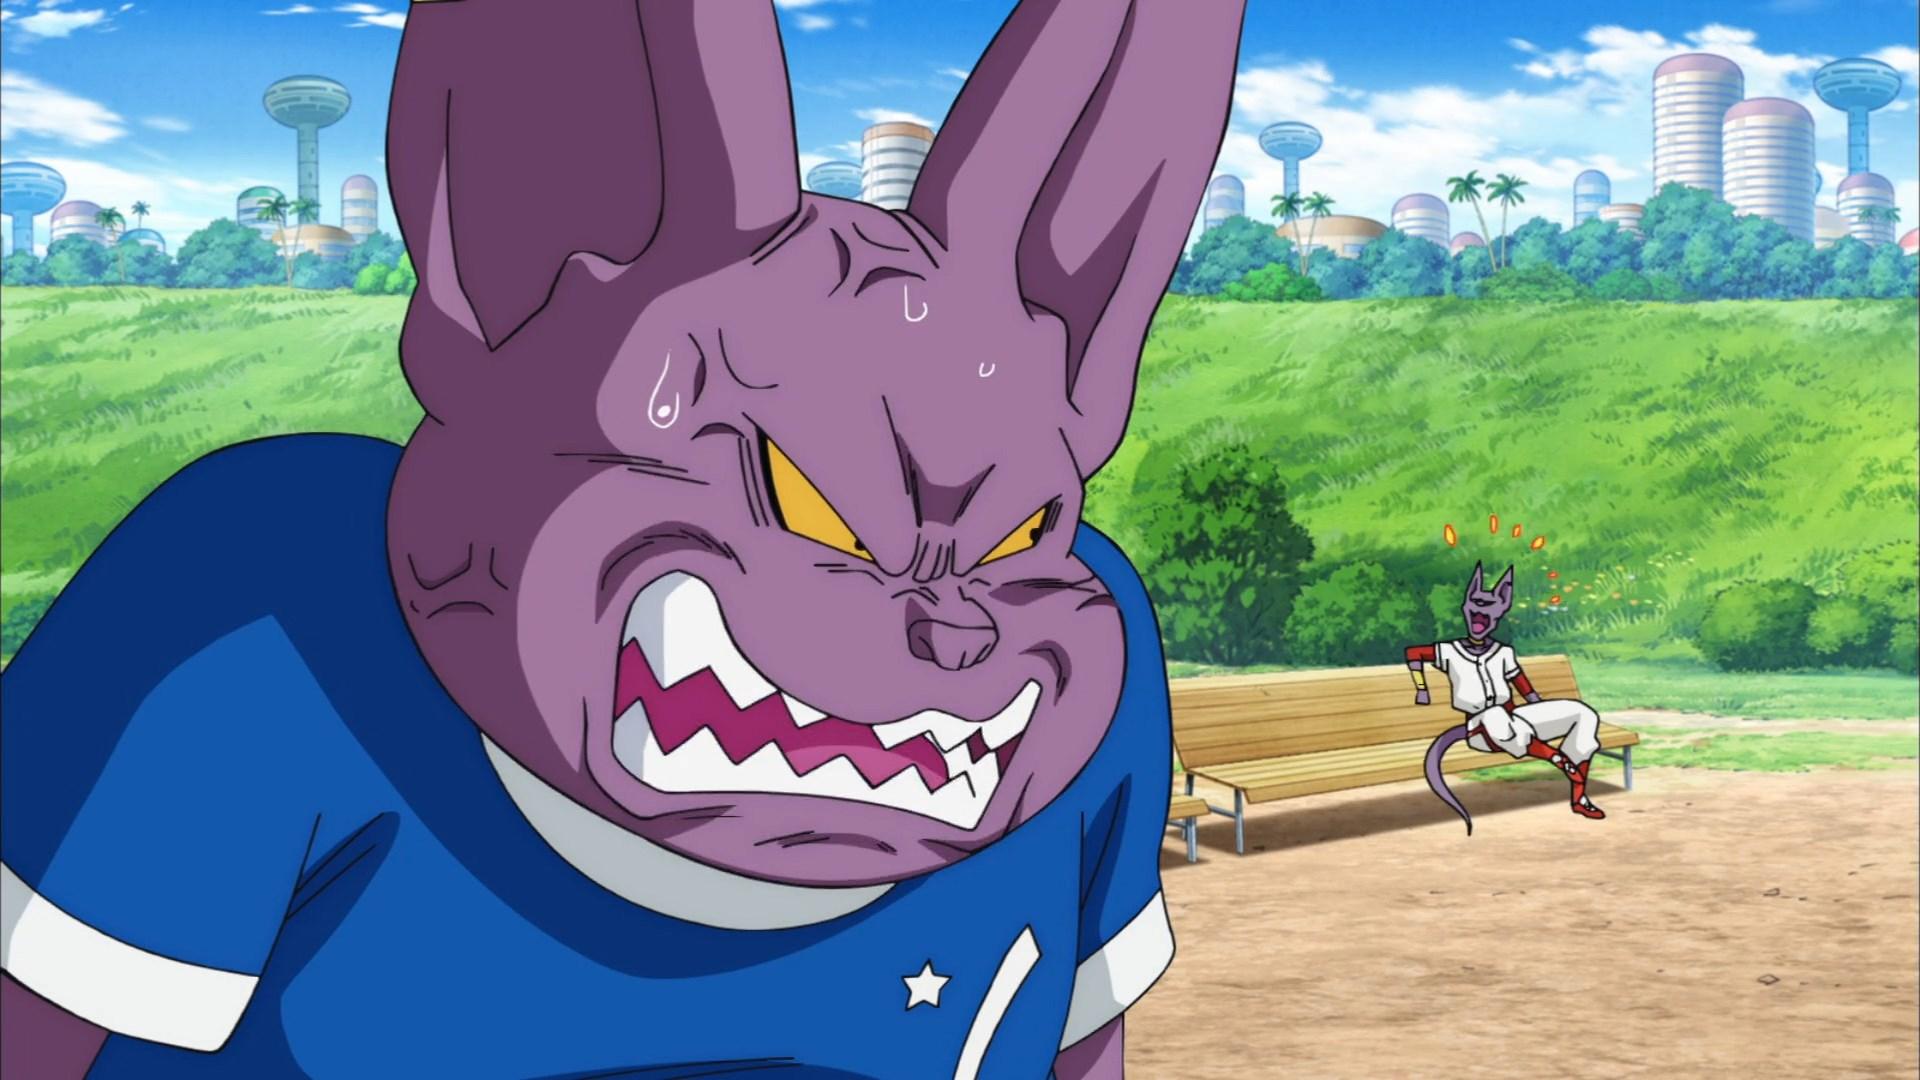 [DS] Dragon Ball Super 070 [1080p].mkv_snapshot_11.29_[2016.12.11_03.45.24]